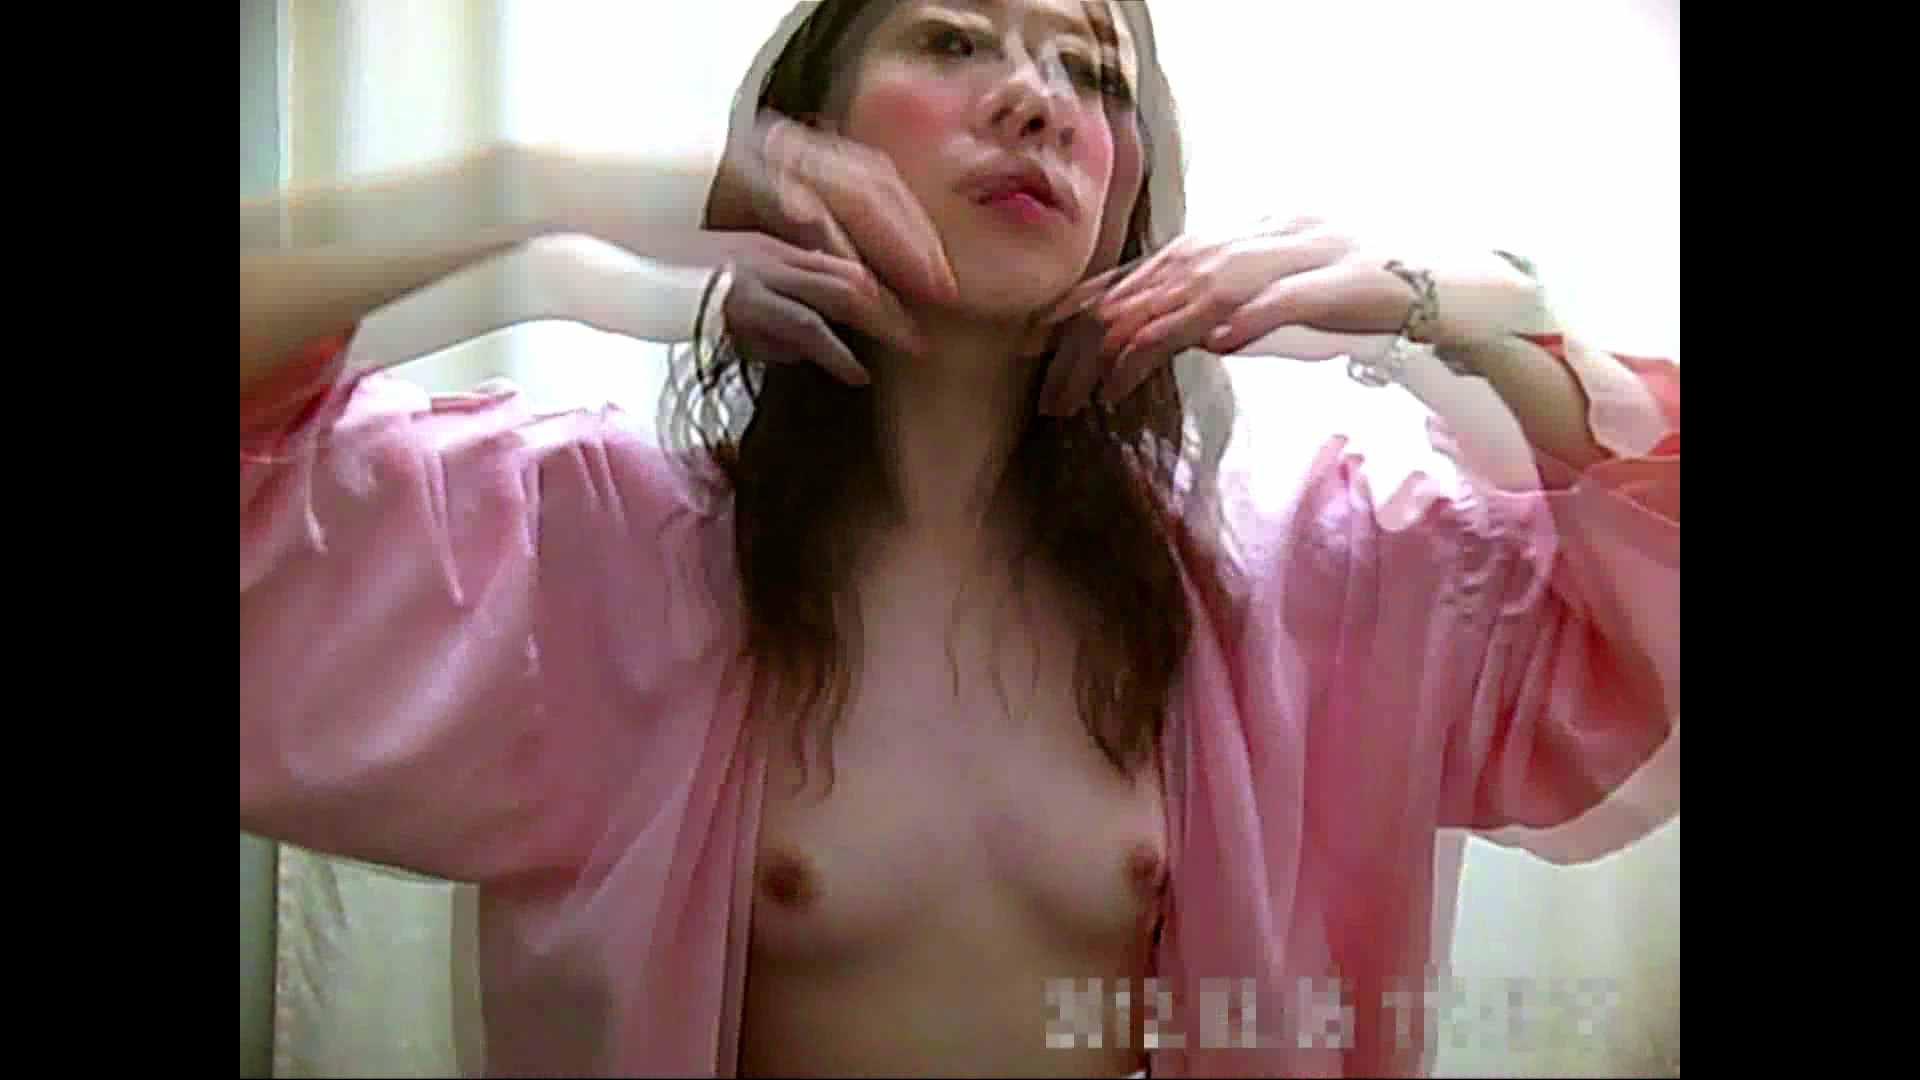 病院おもいっきり着替え! vol.265 貧乳 ヌード画像 83pic 13